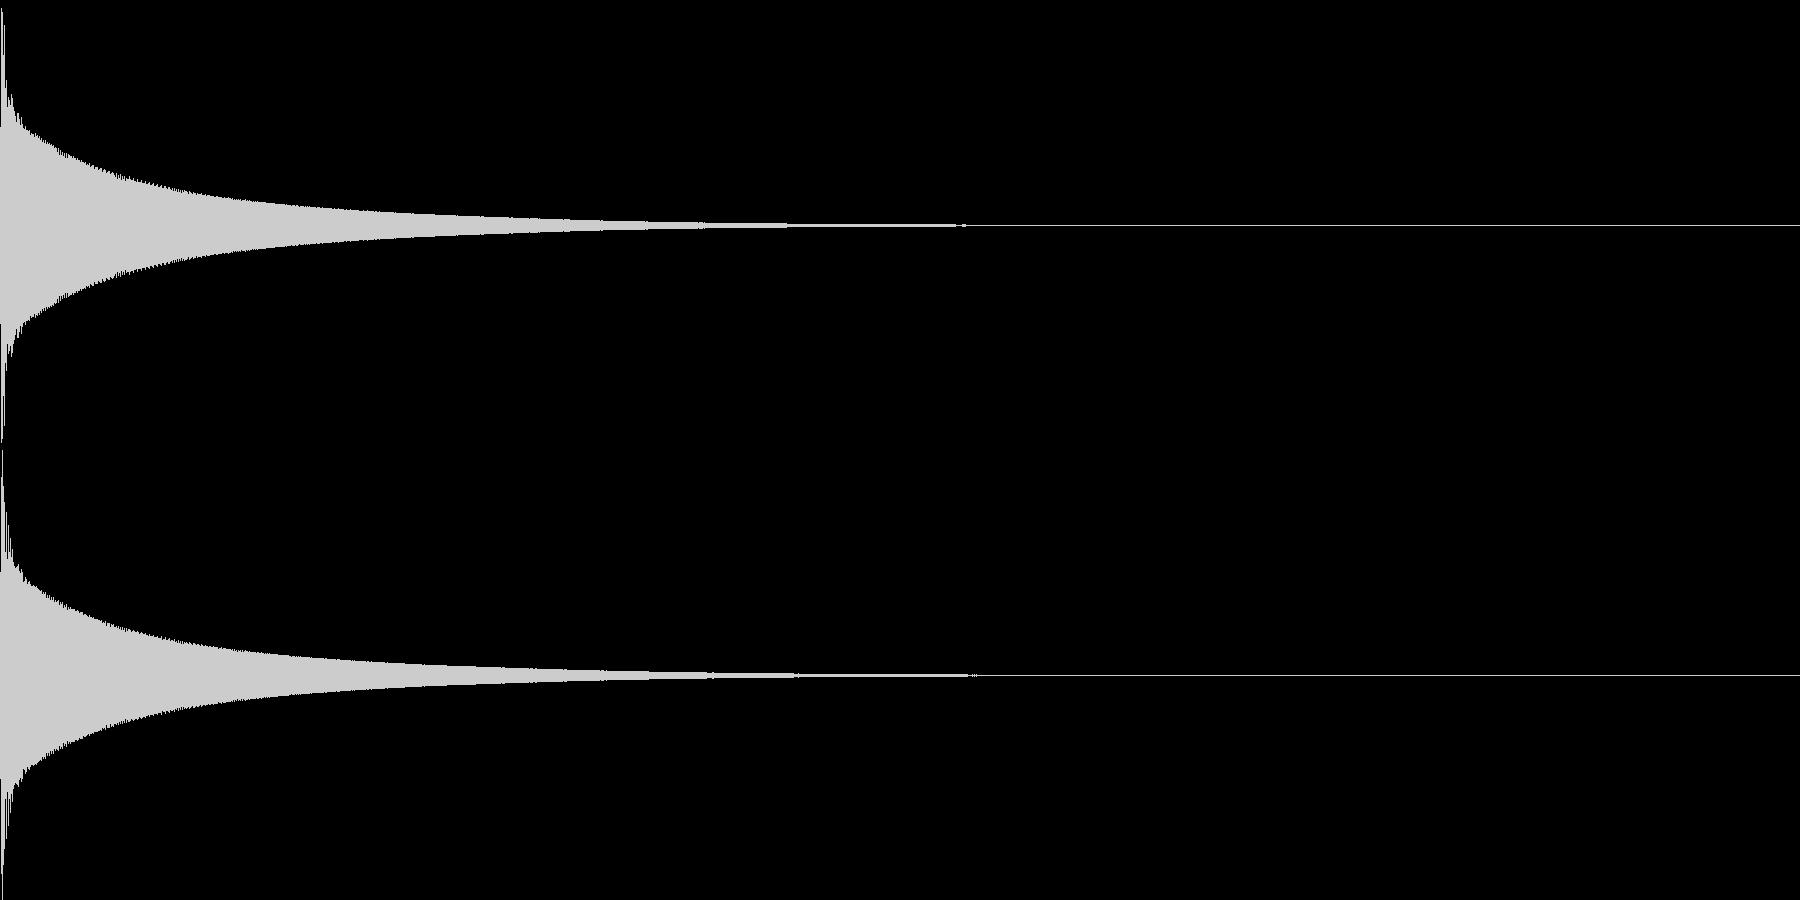 【生録音】カリンバ単音04_C5の未再生の波形